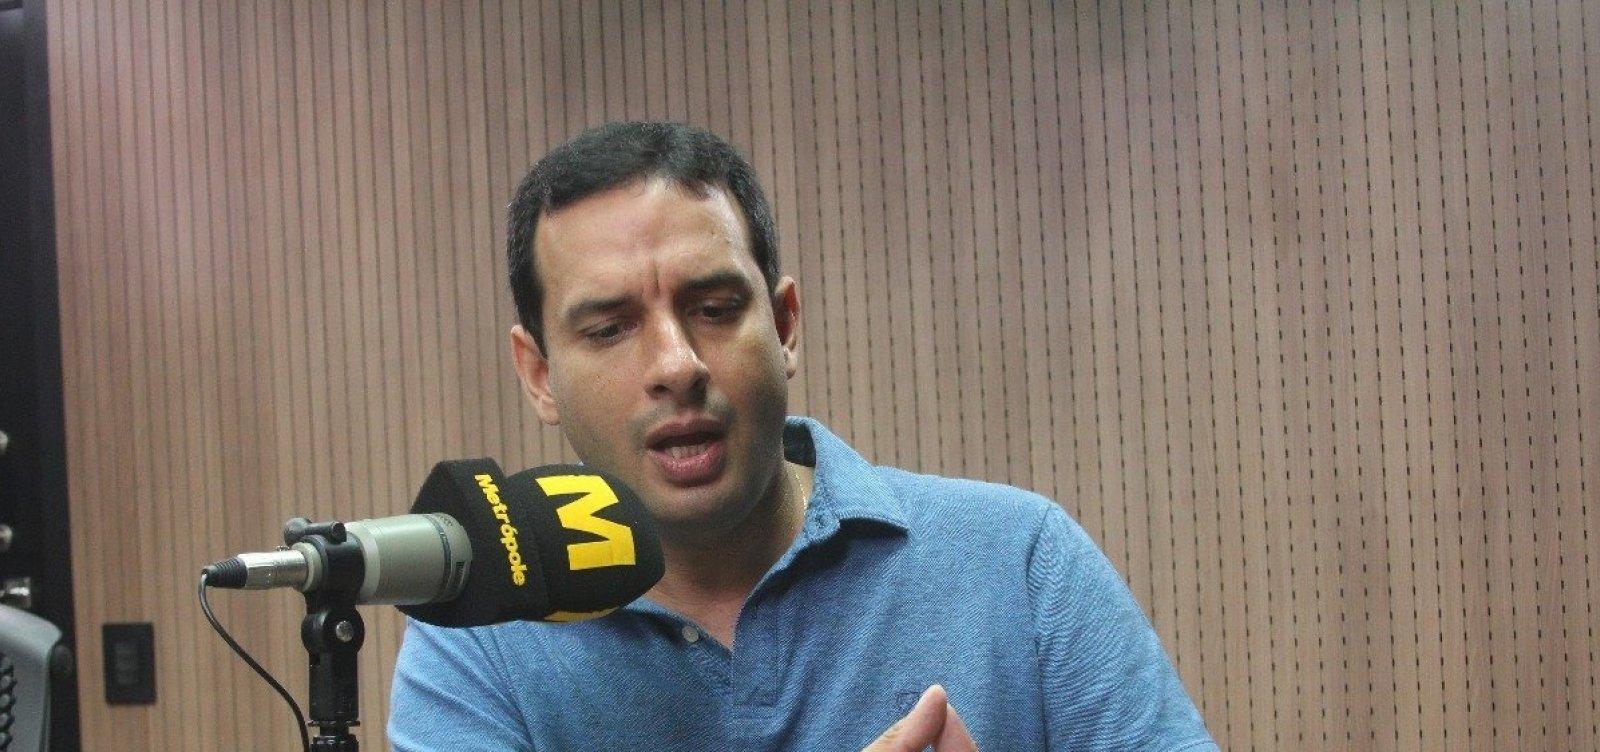 [Eleito deputado, Prates promete 'oposição respeitosa' na Assembleia]